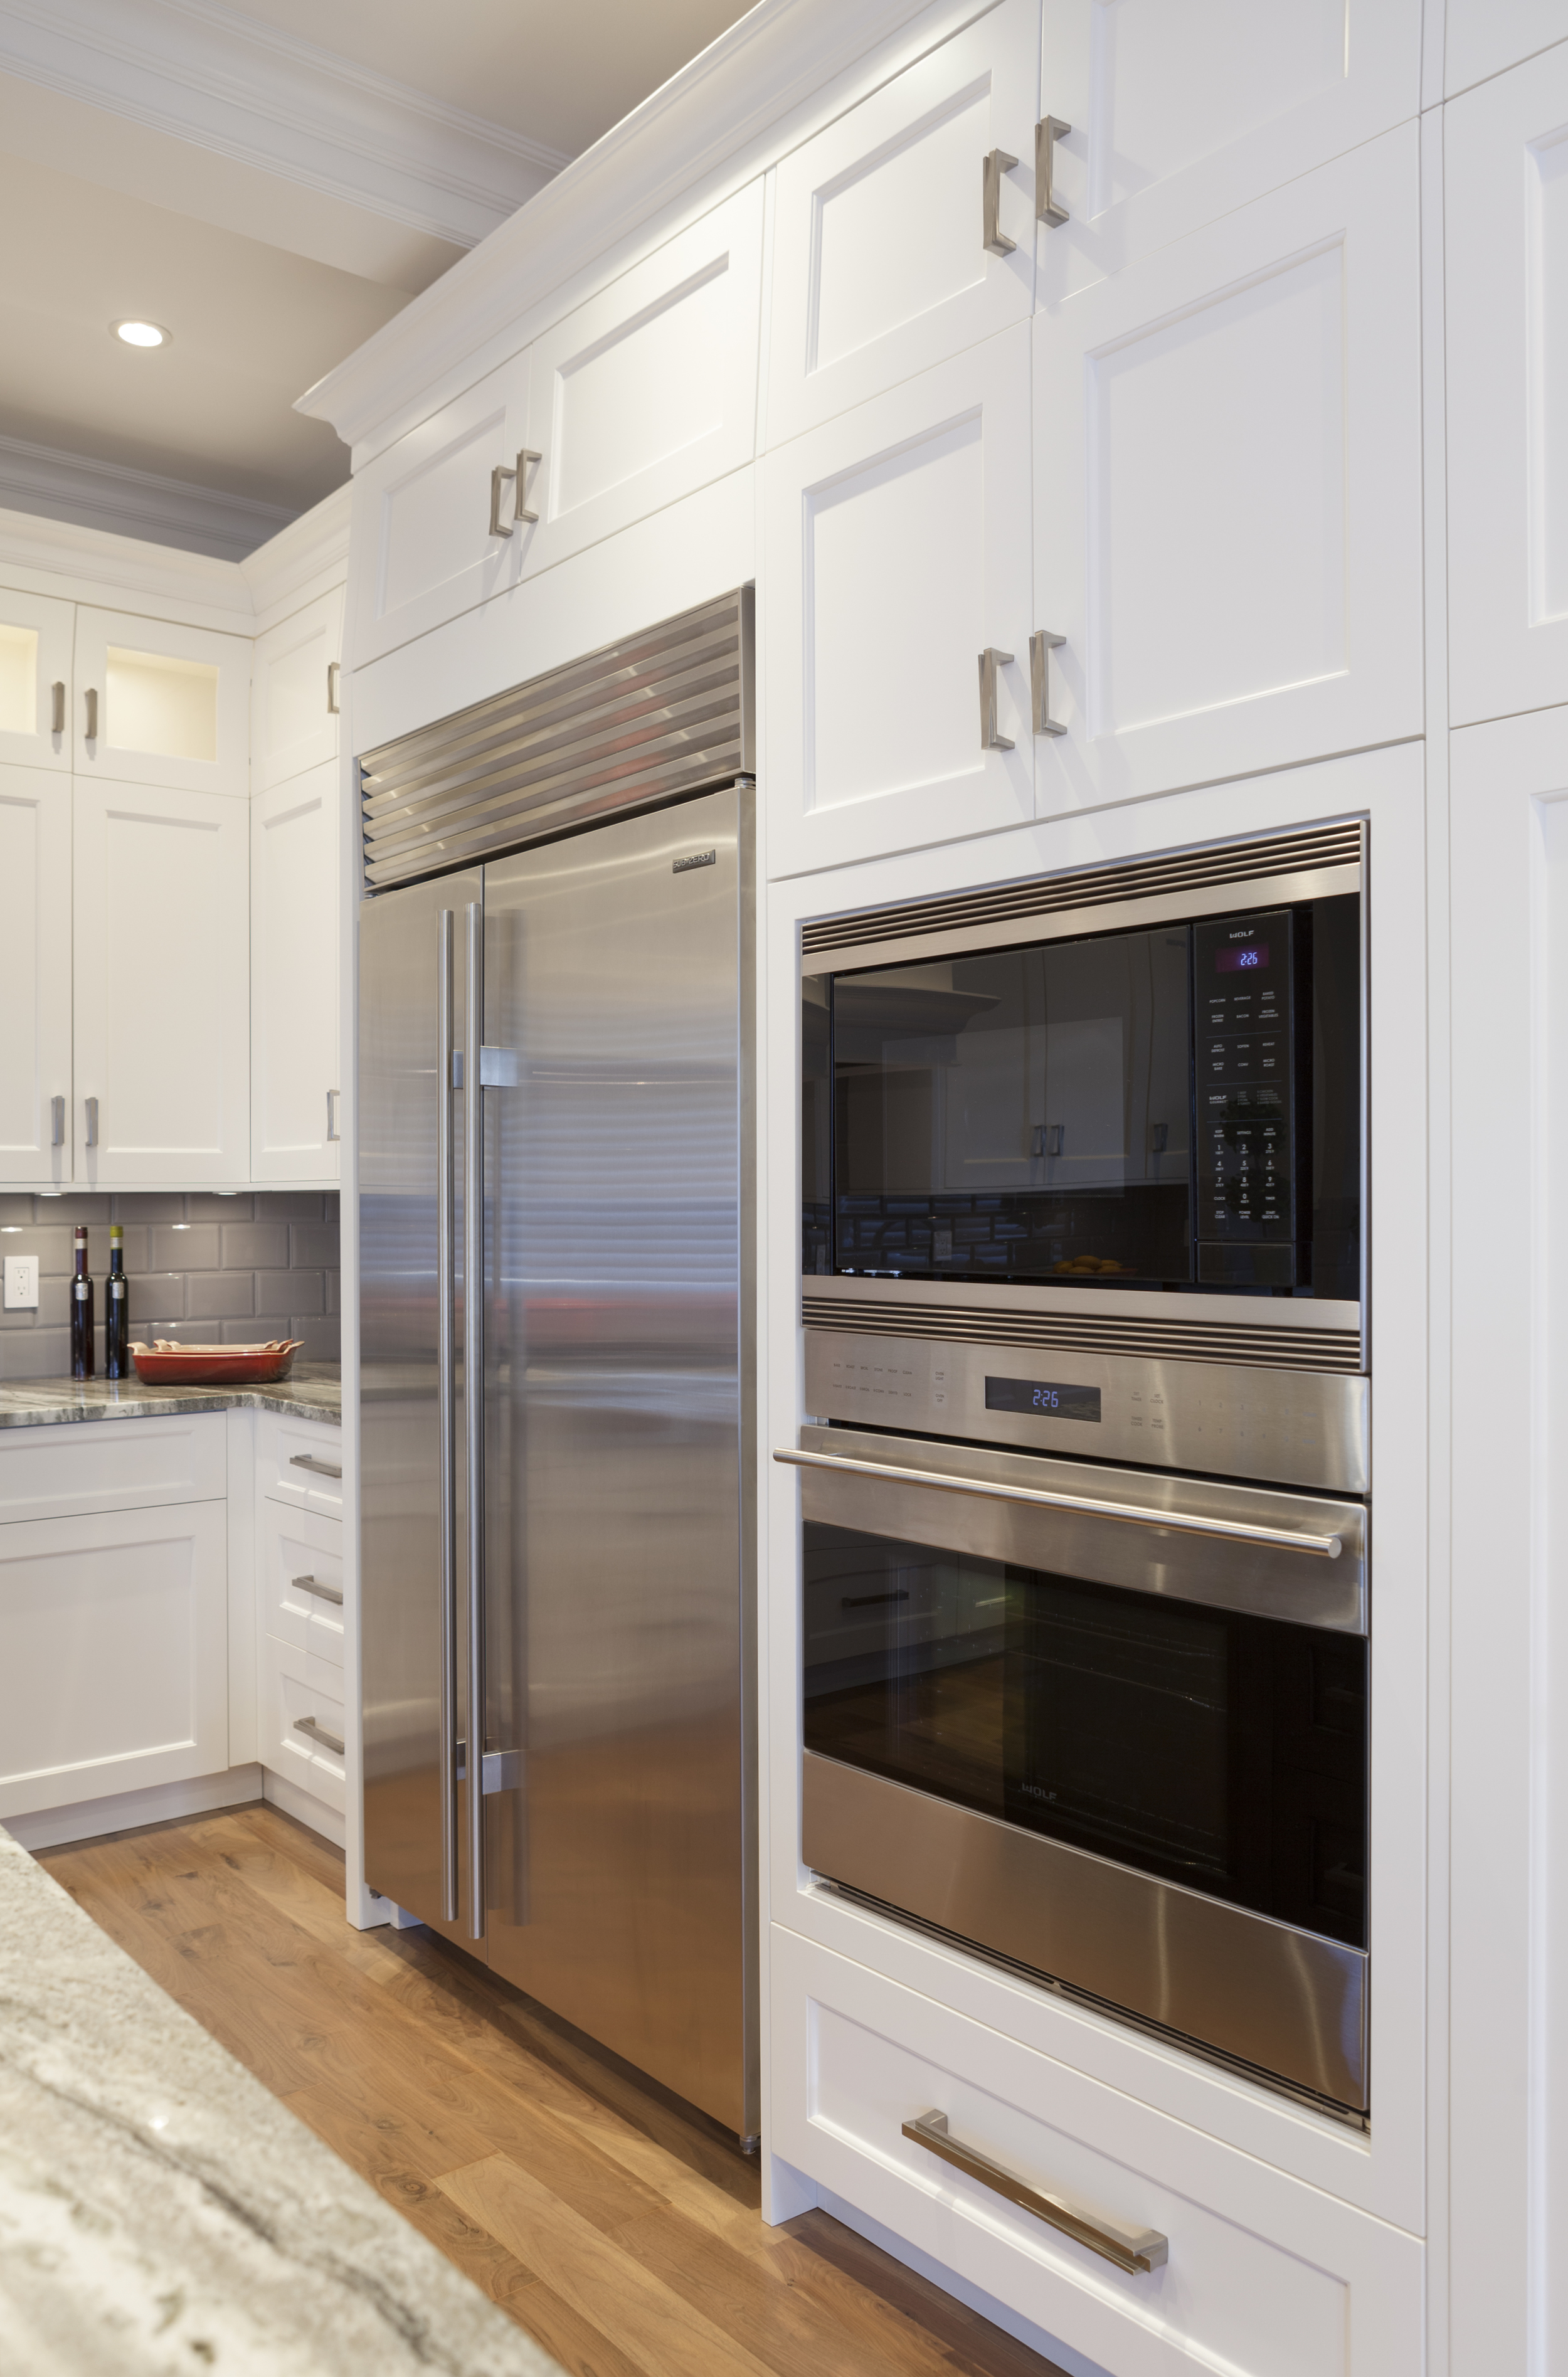 2305 Kitchen 5.jpg